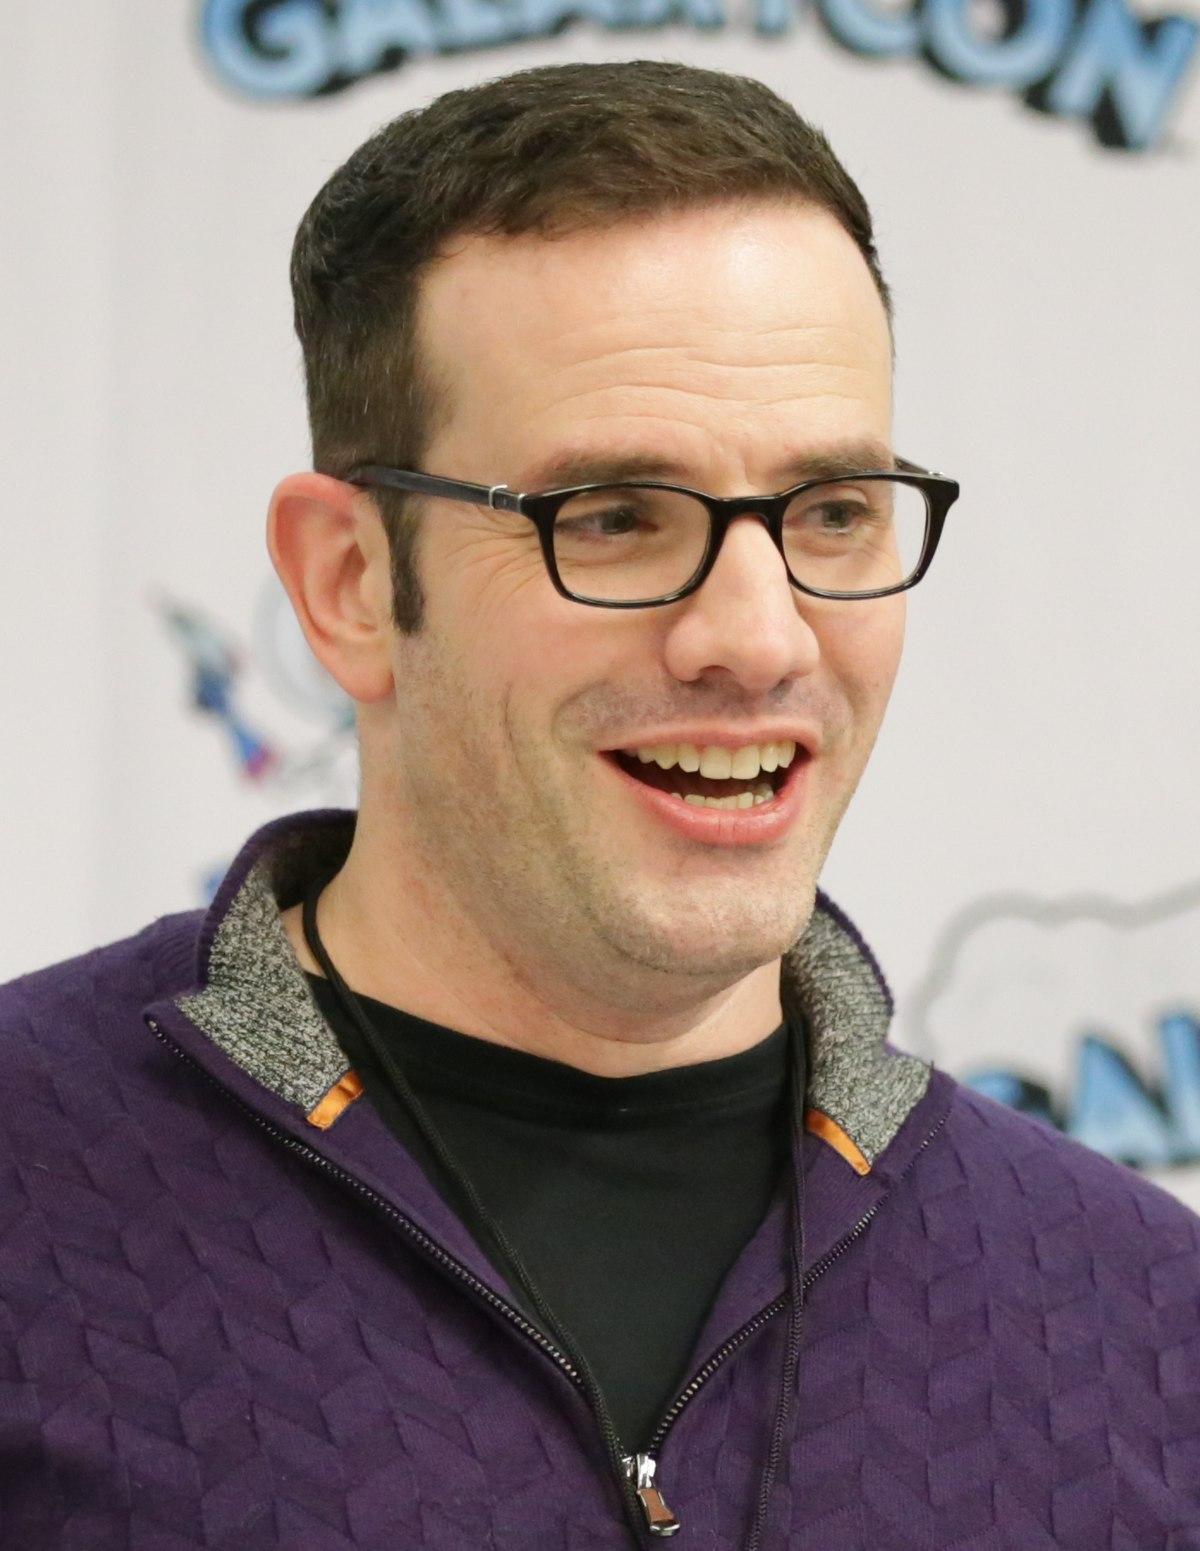 J Michael Tatum Wikipedia Koyasu often voices under the pseudonym hayato jumonji, especially in h anime. j michael tatum wikipedia